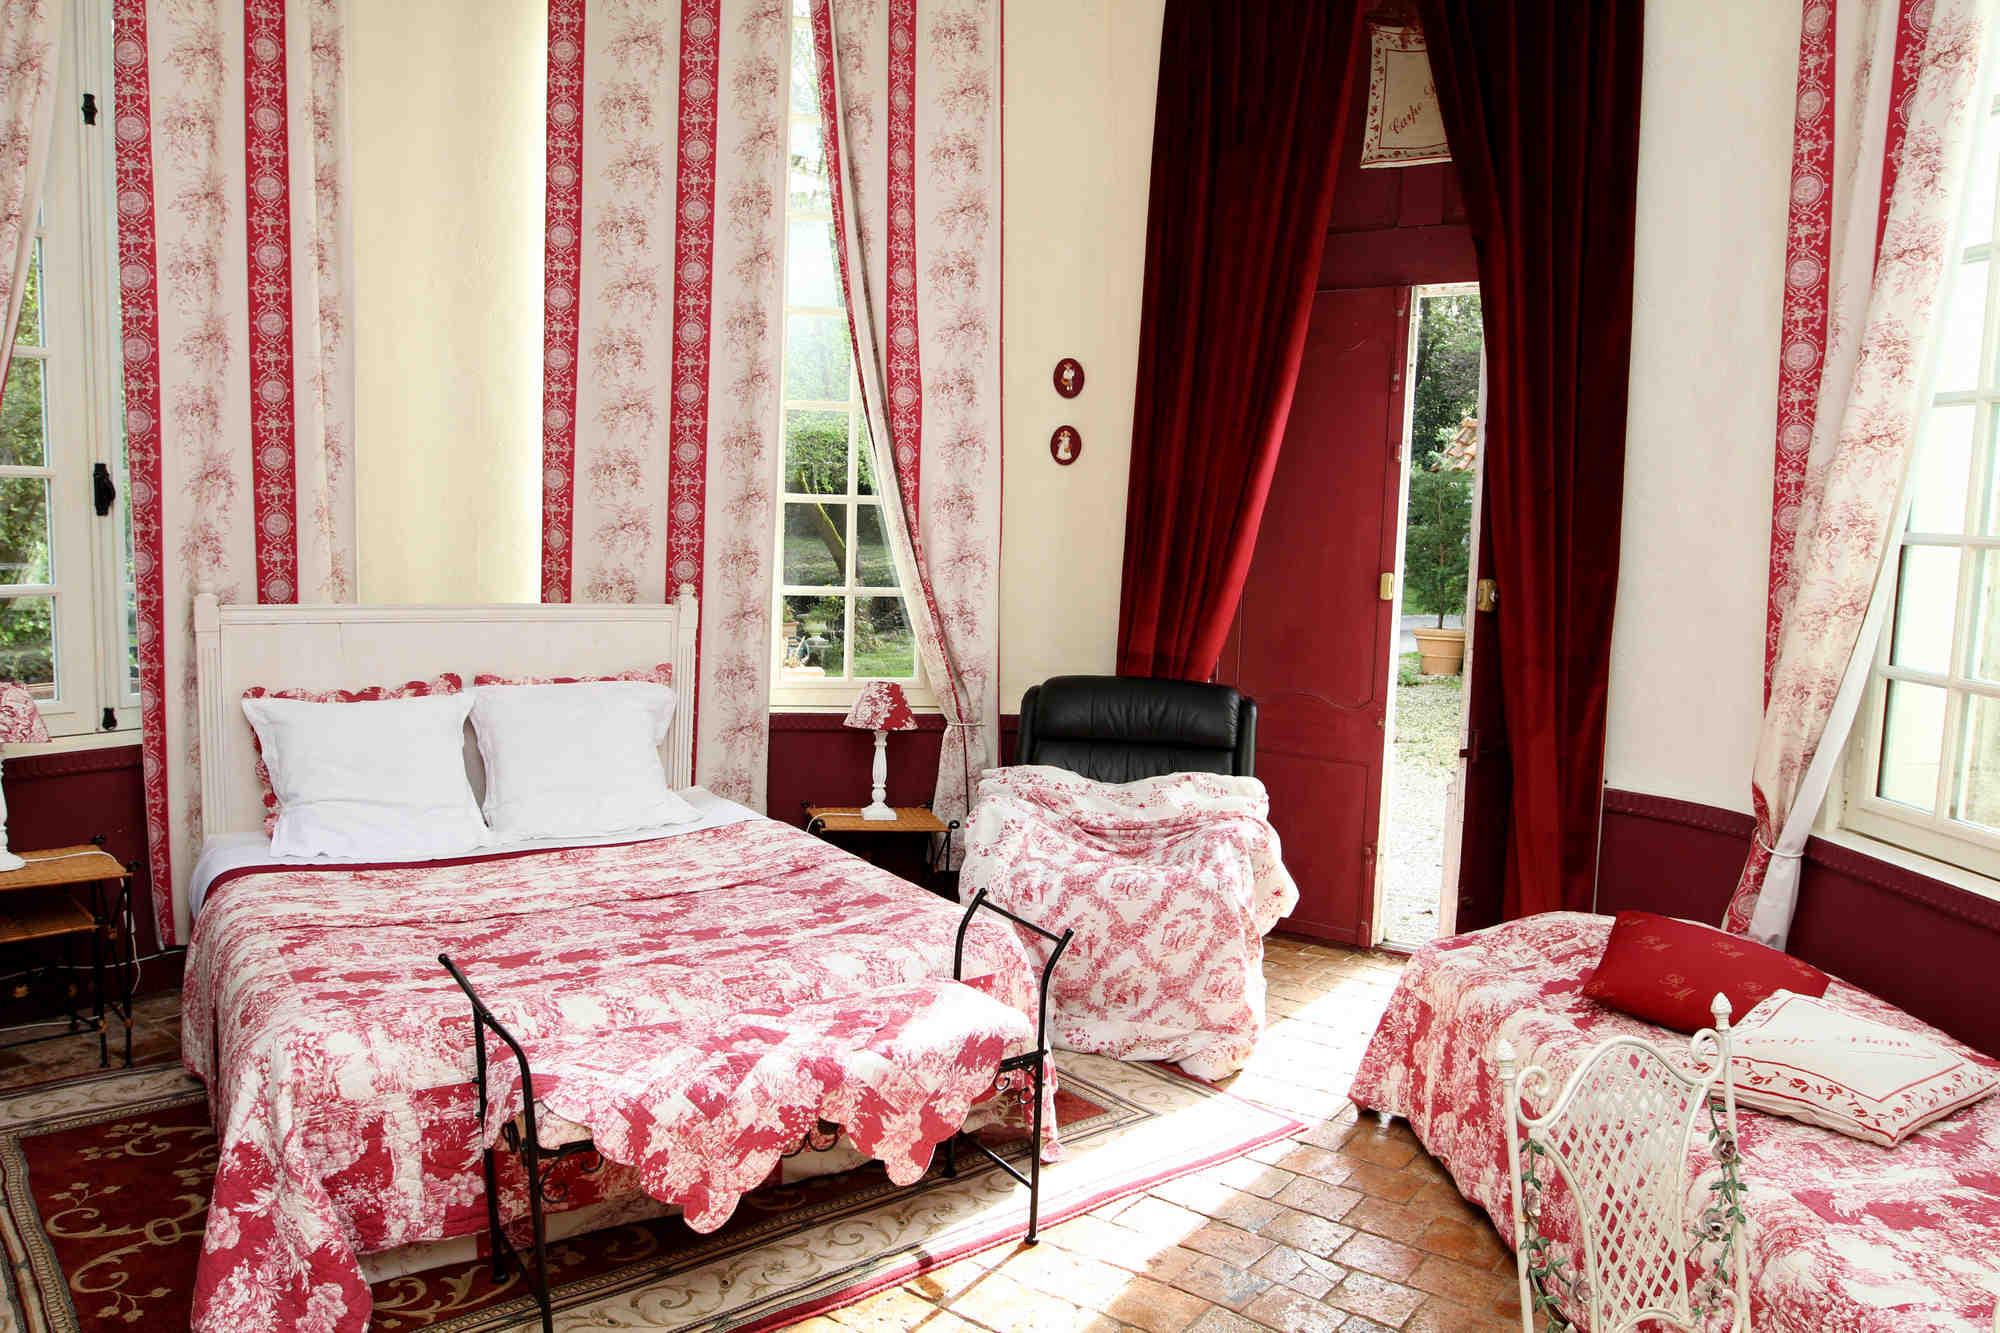 chambres hotes et hôtel proche Aéroport Nantes Atlantique